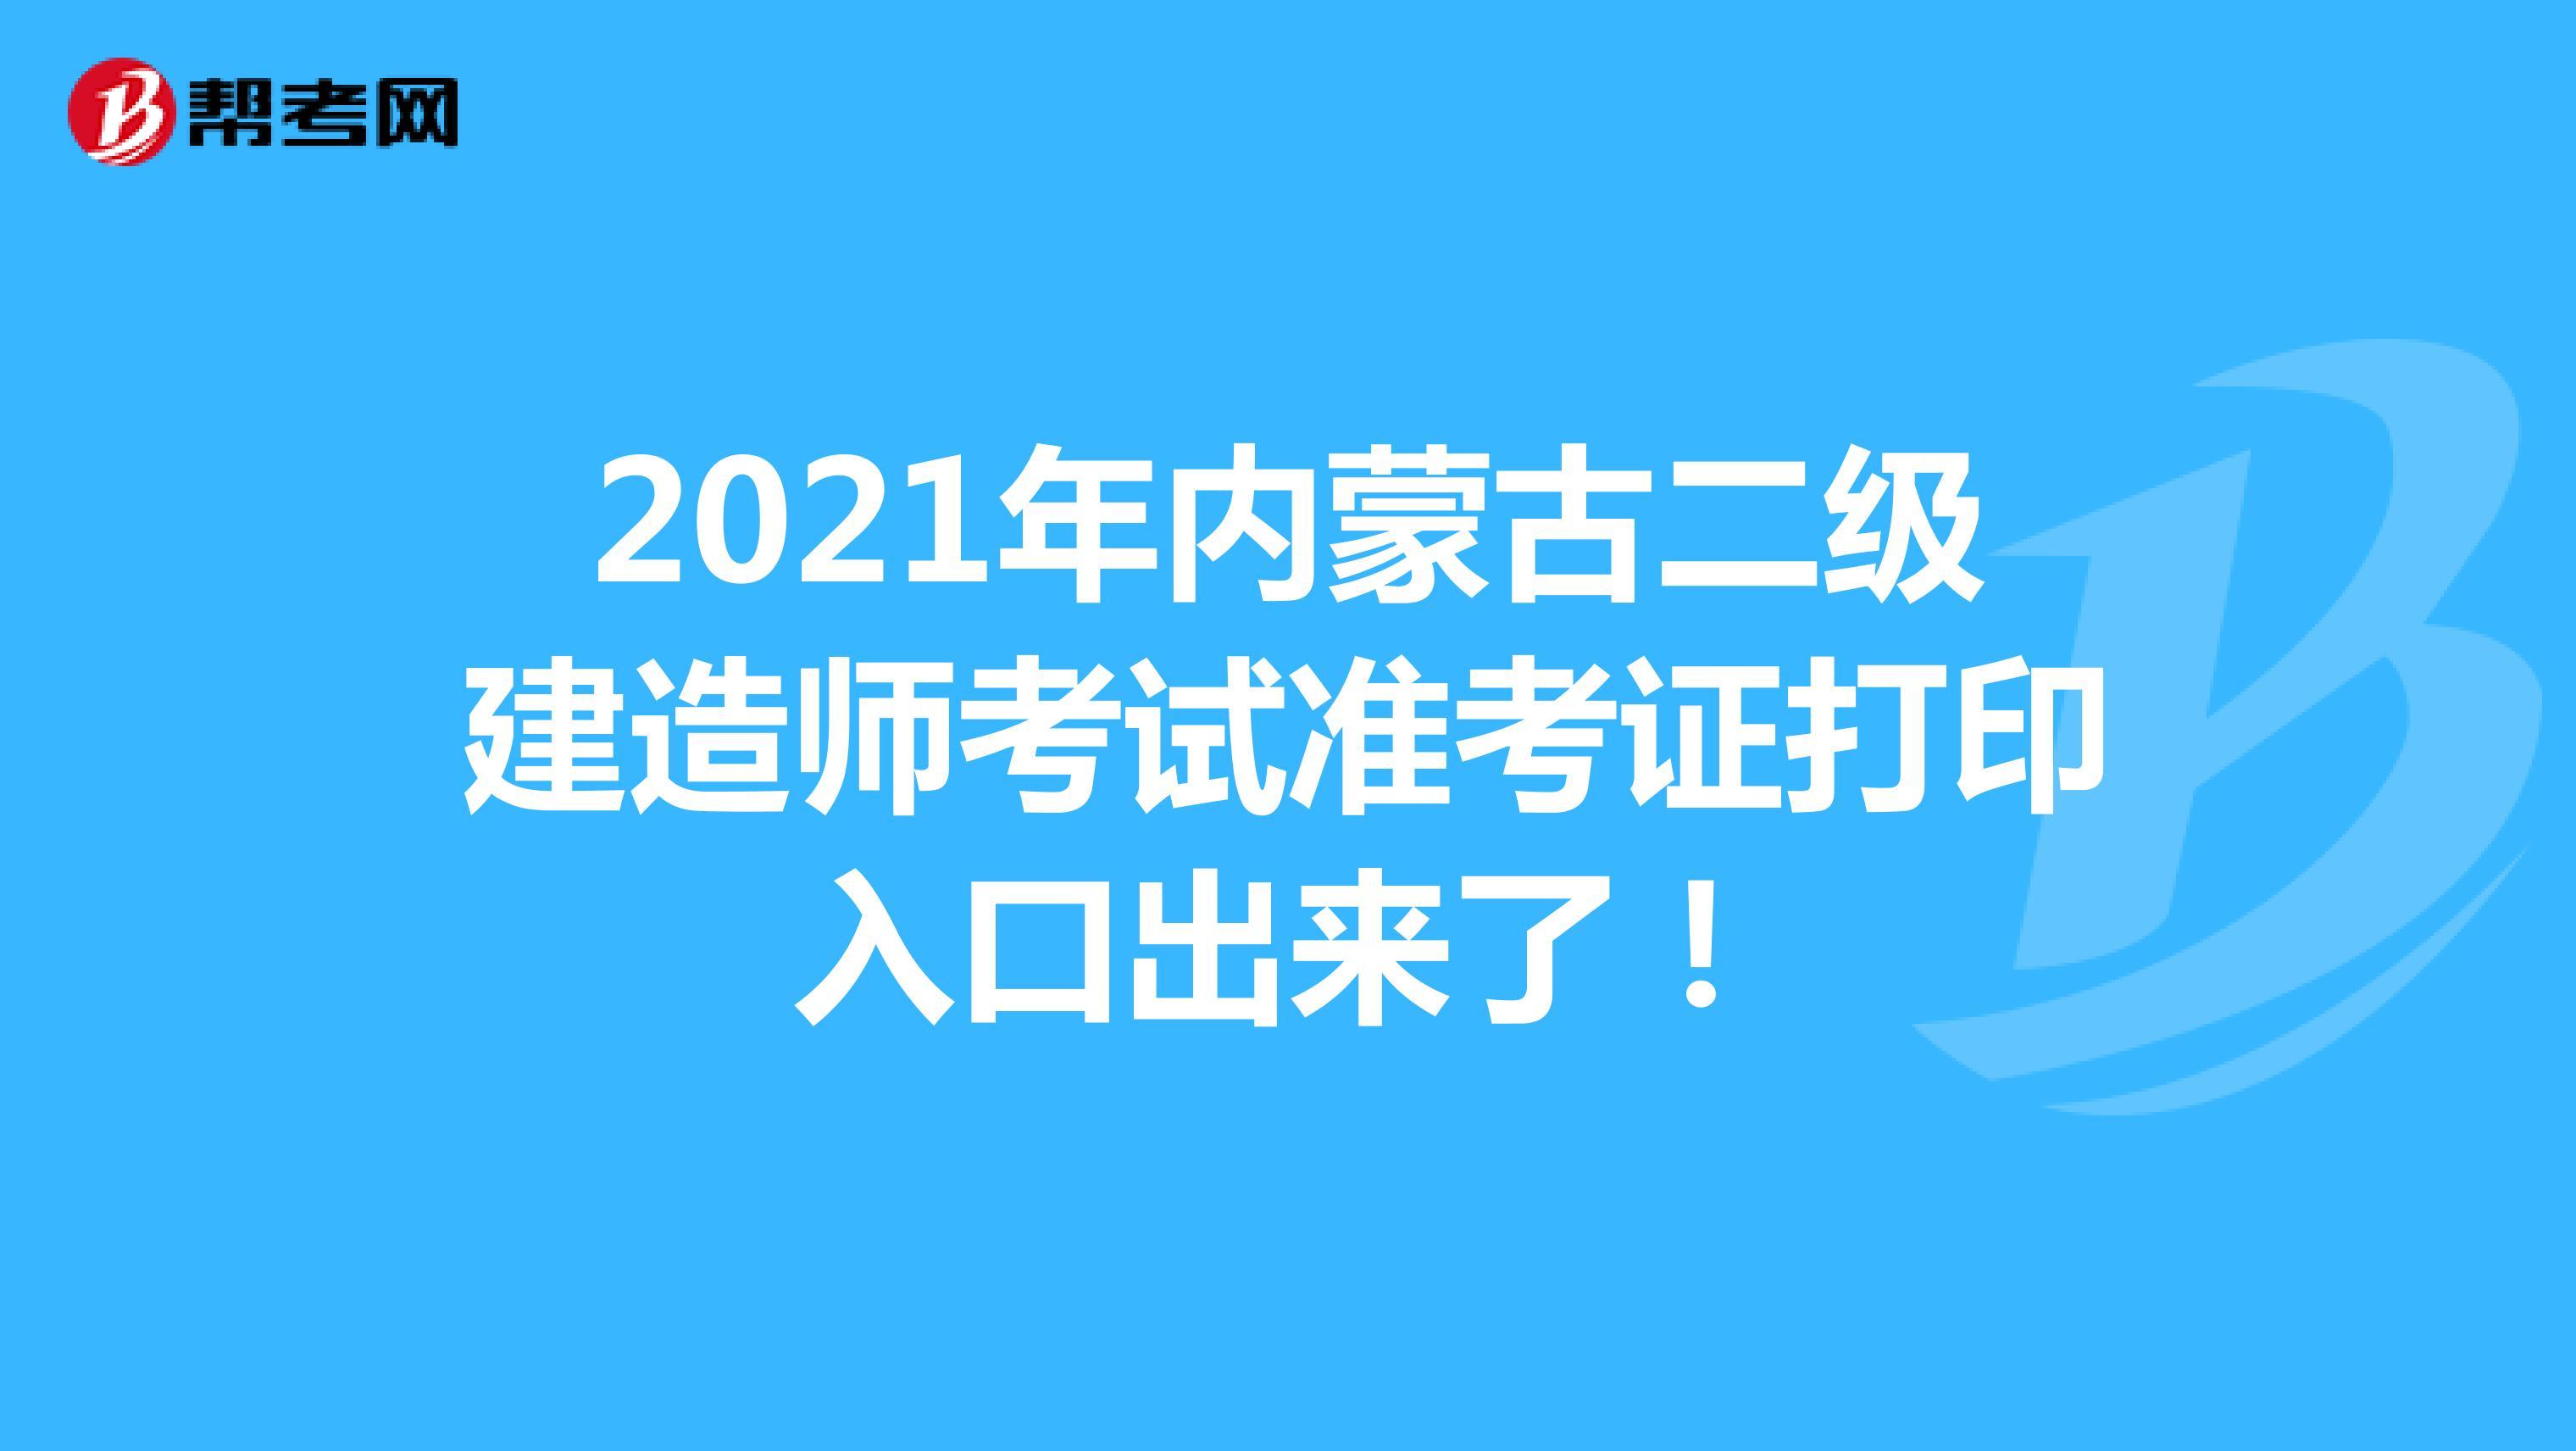 2021年内蒙古二级建造师考试准考证打印入口出来了!